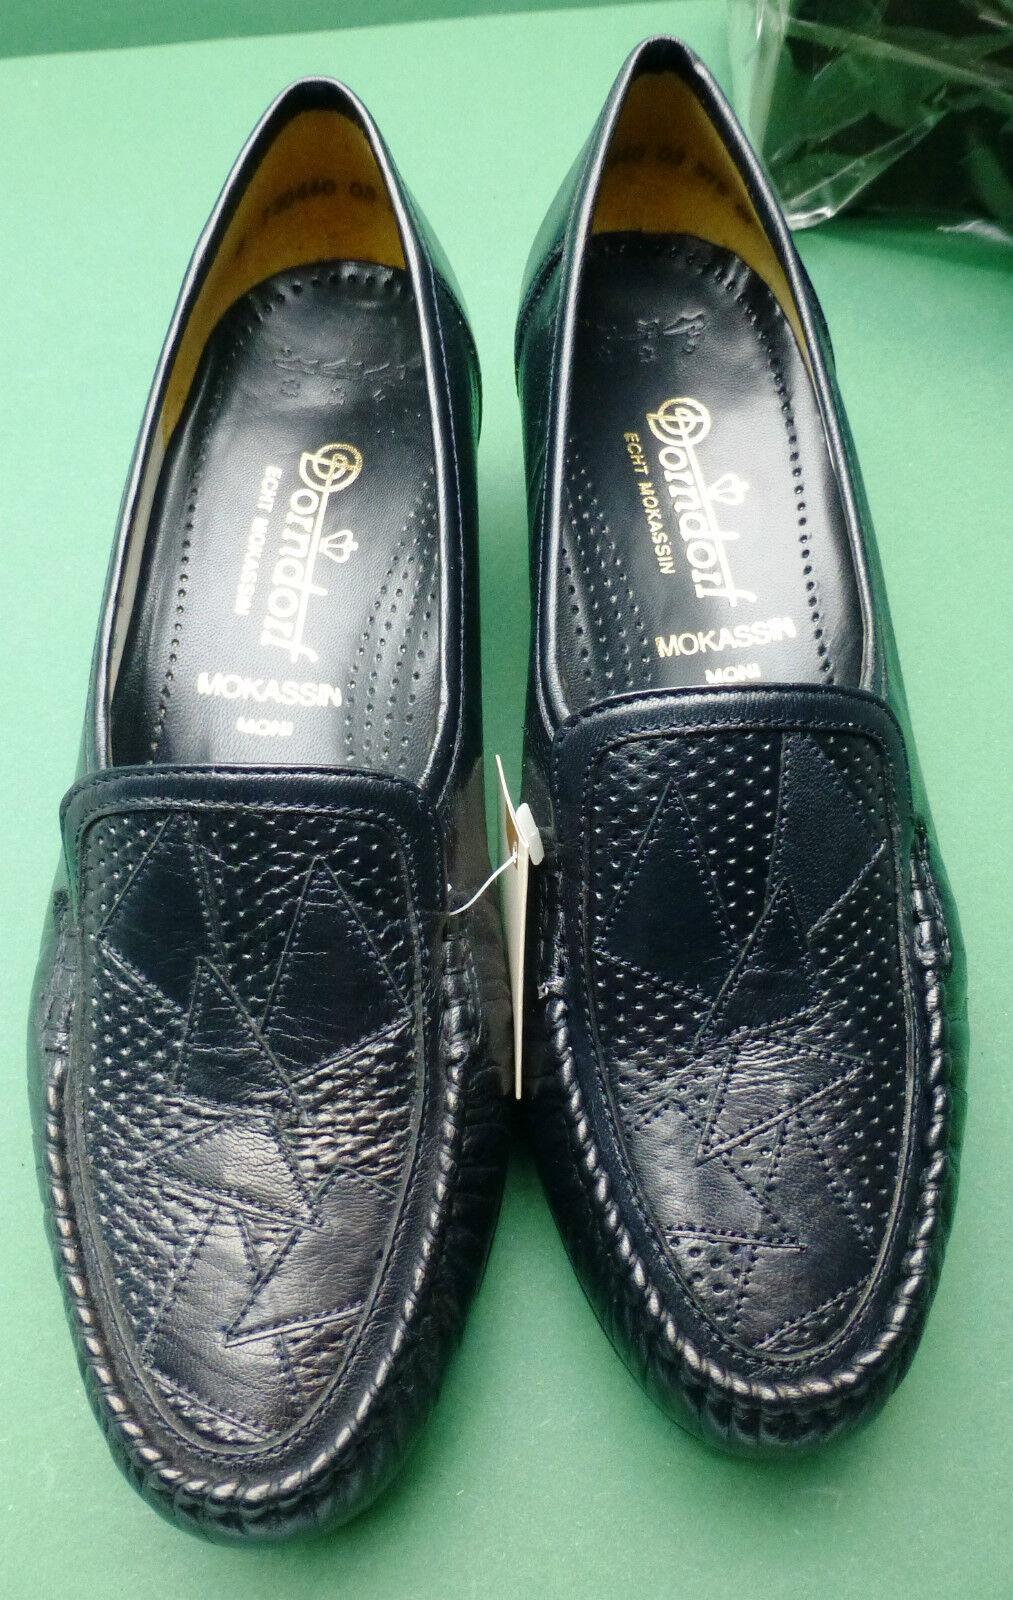 #5276# Schuhe Mokassins Gr.6G/39G baltikblau Leder  von Dorndorf Golfchevreaux